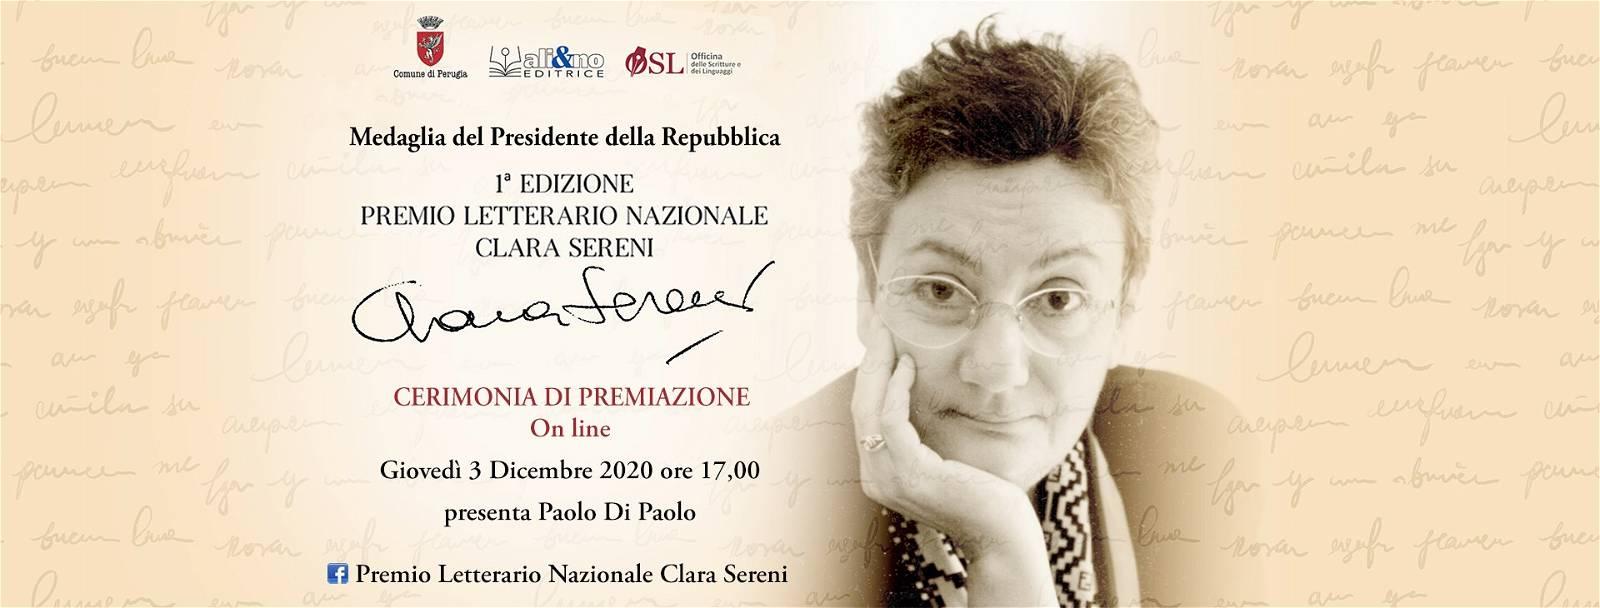 Premiazione Premio Letterario Nazionale Clara Sereni – Prima edizione